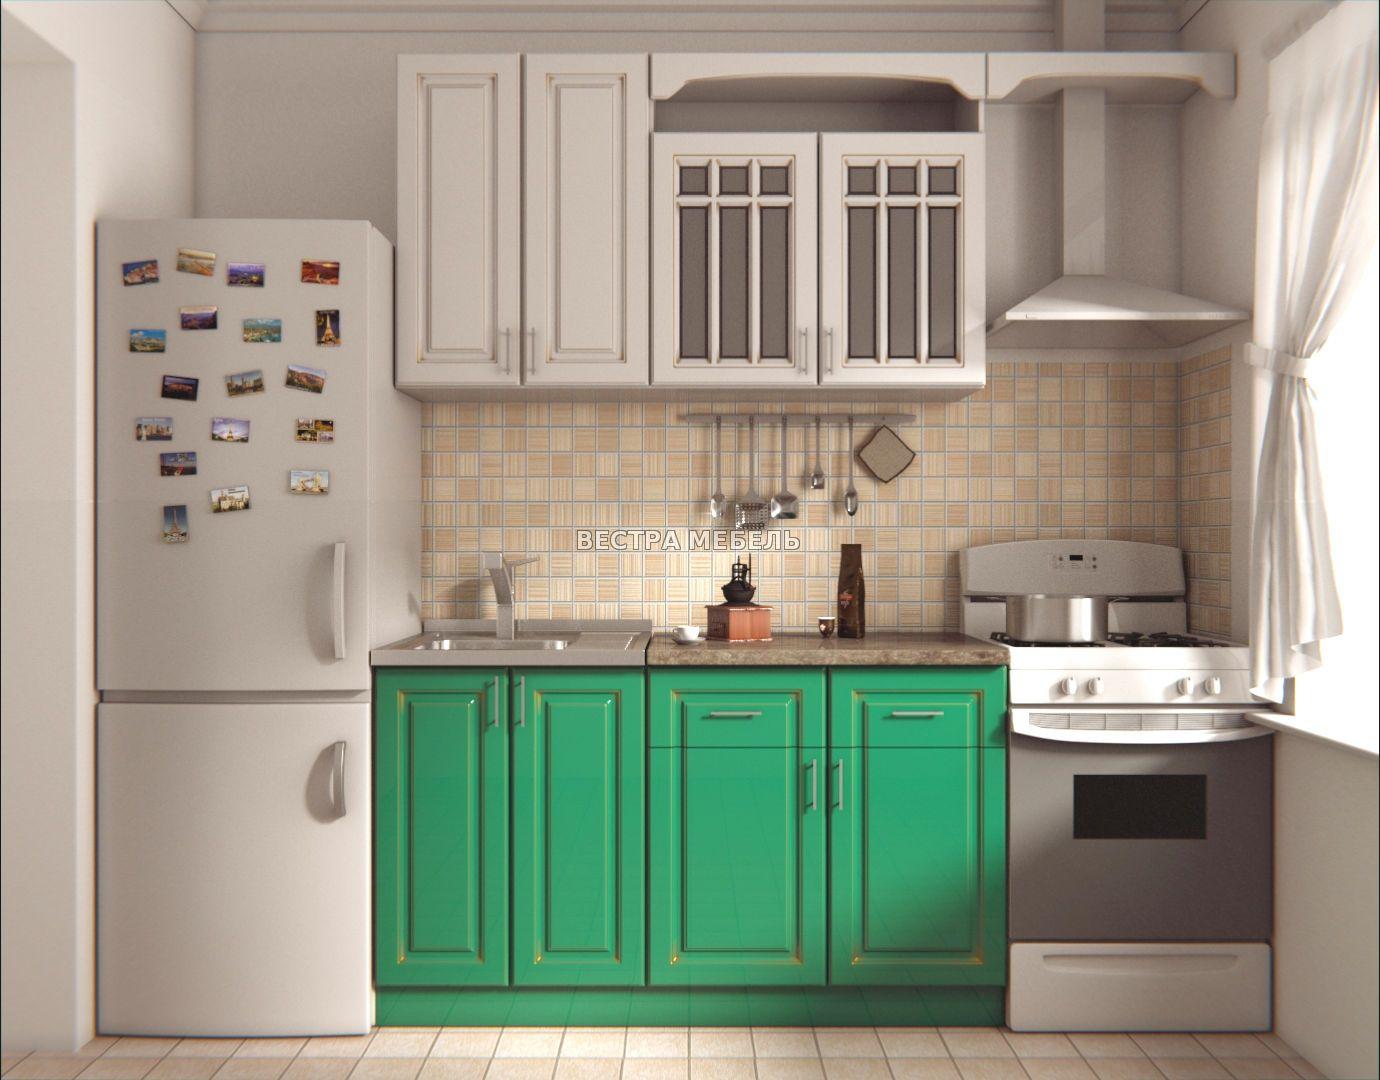 белая кухня с зеленой патиной картинки атмосферу доме, впитывает